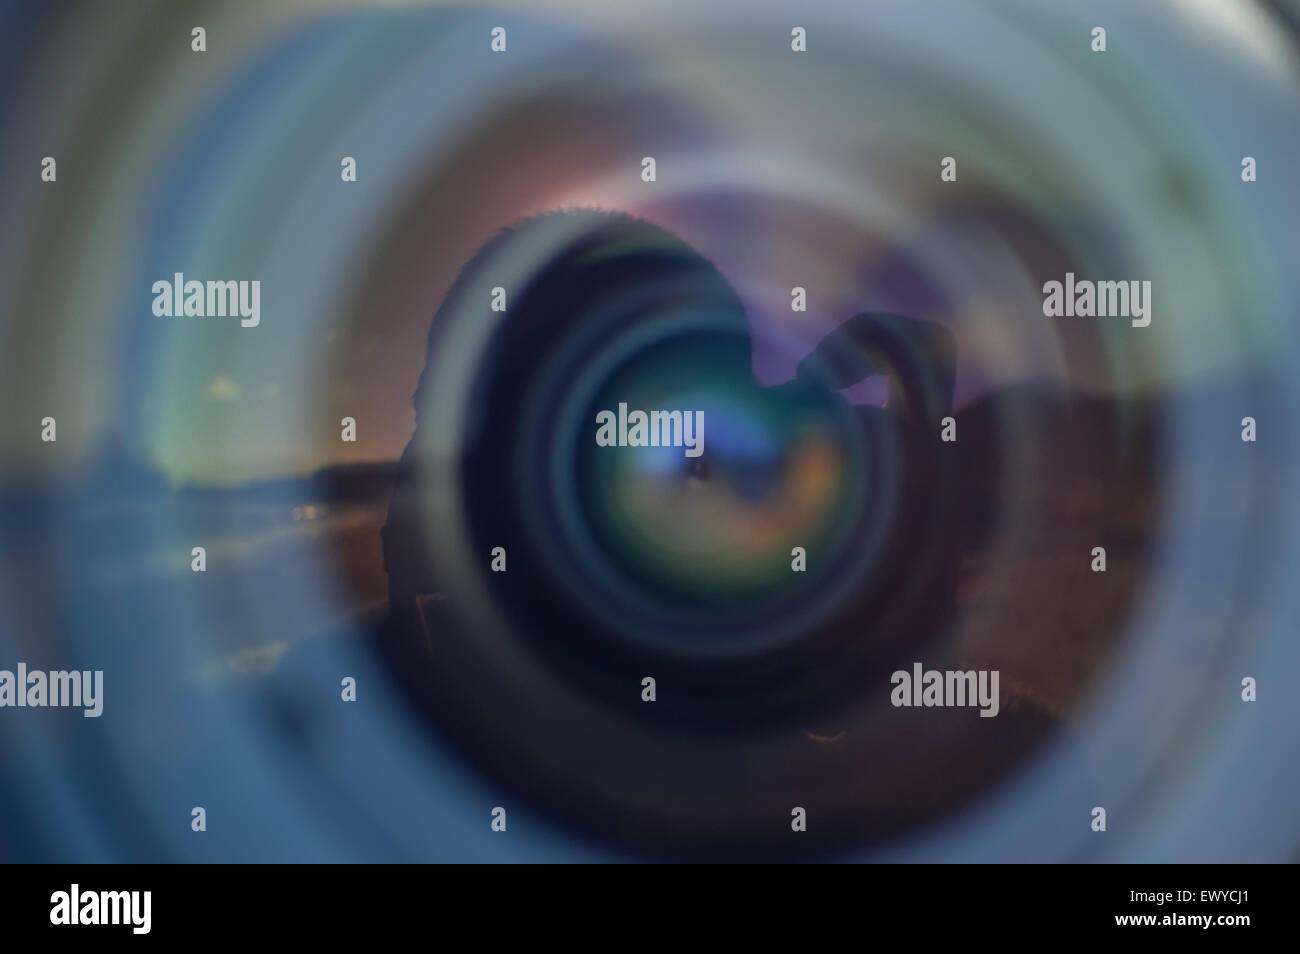 Objetivo y lente con el paisaje y la mano del fotógrafo óptico múltiples reflexiones. Foto de stock